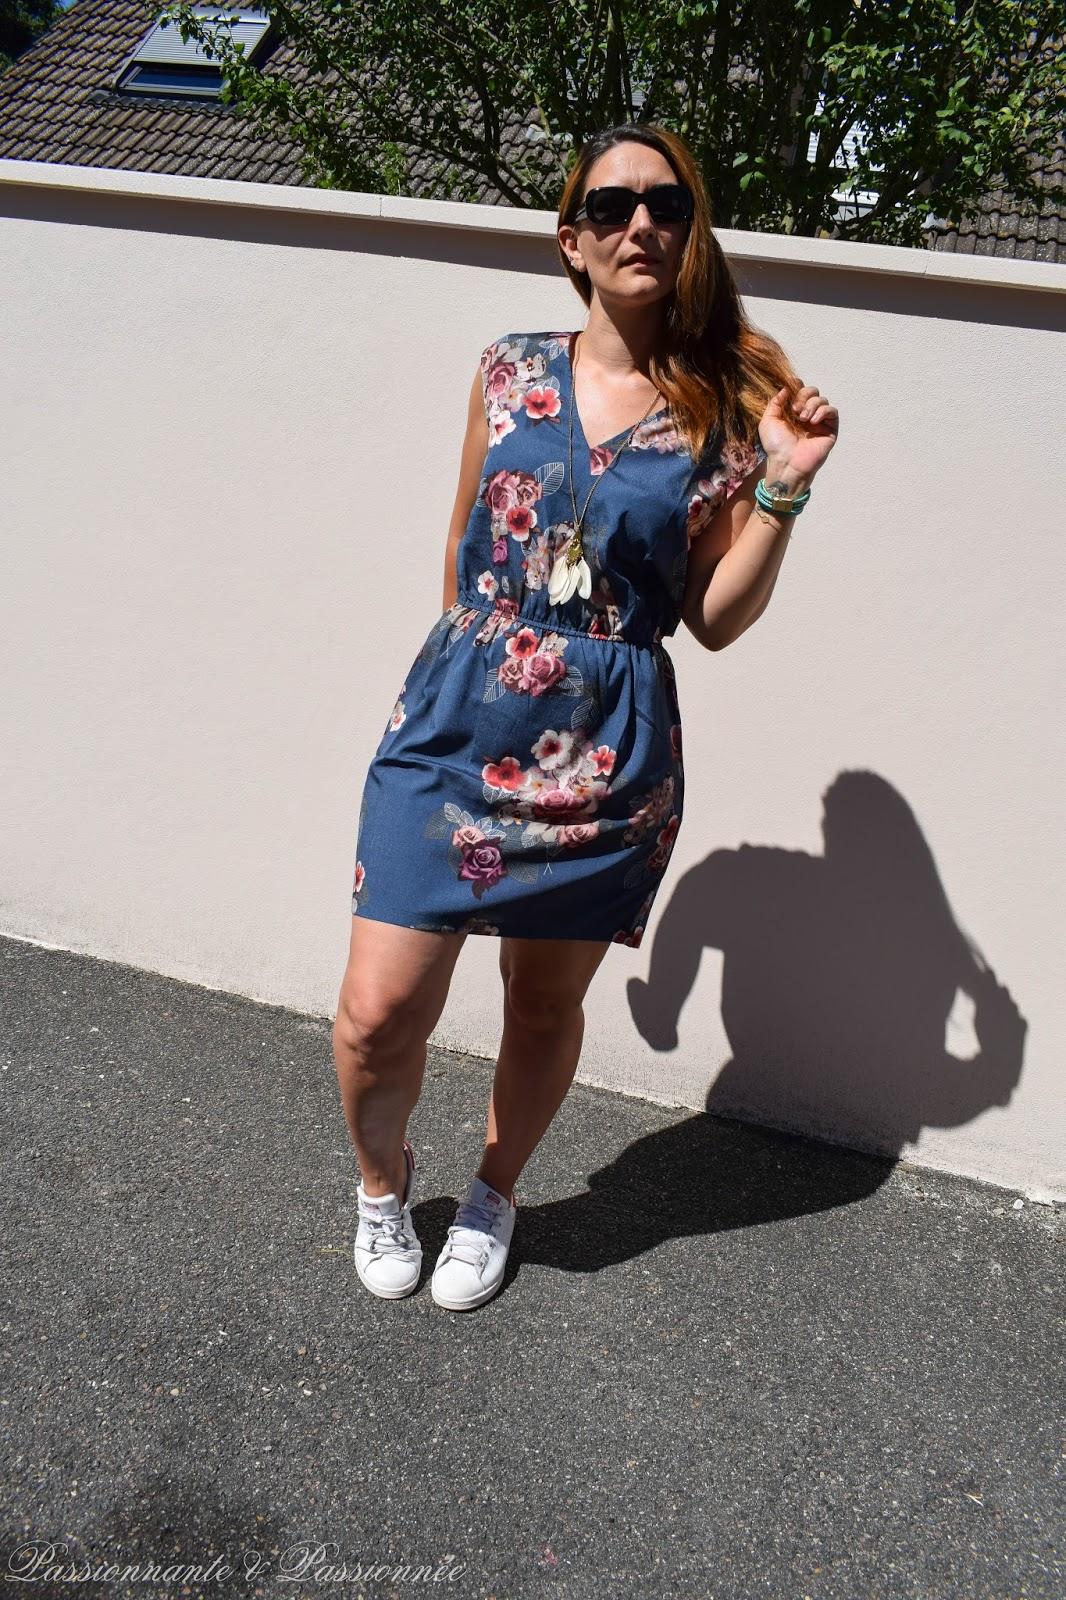 ronde et en robe